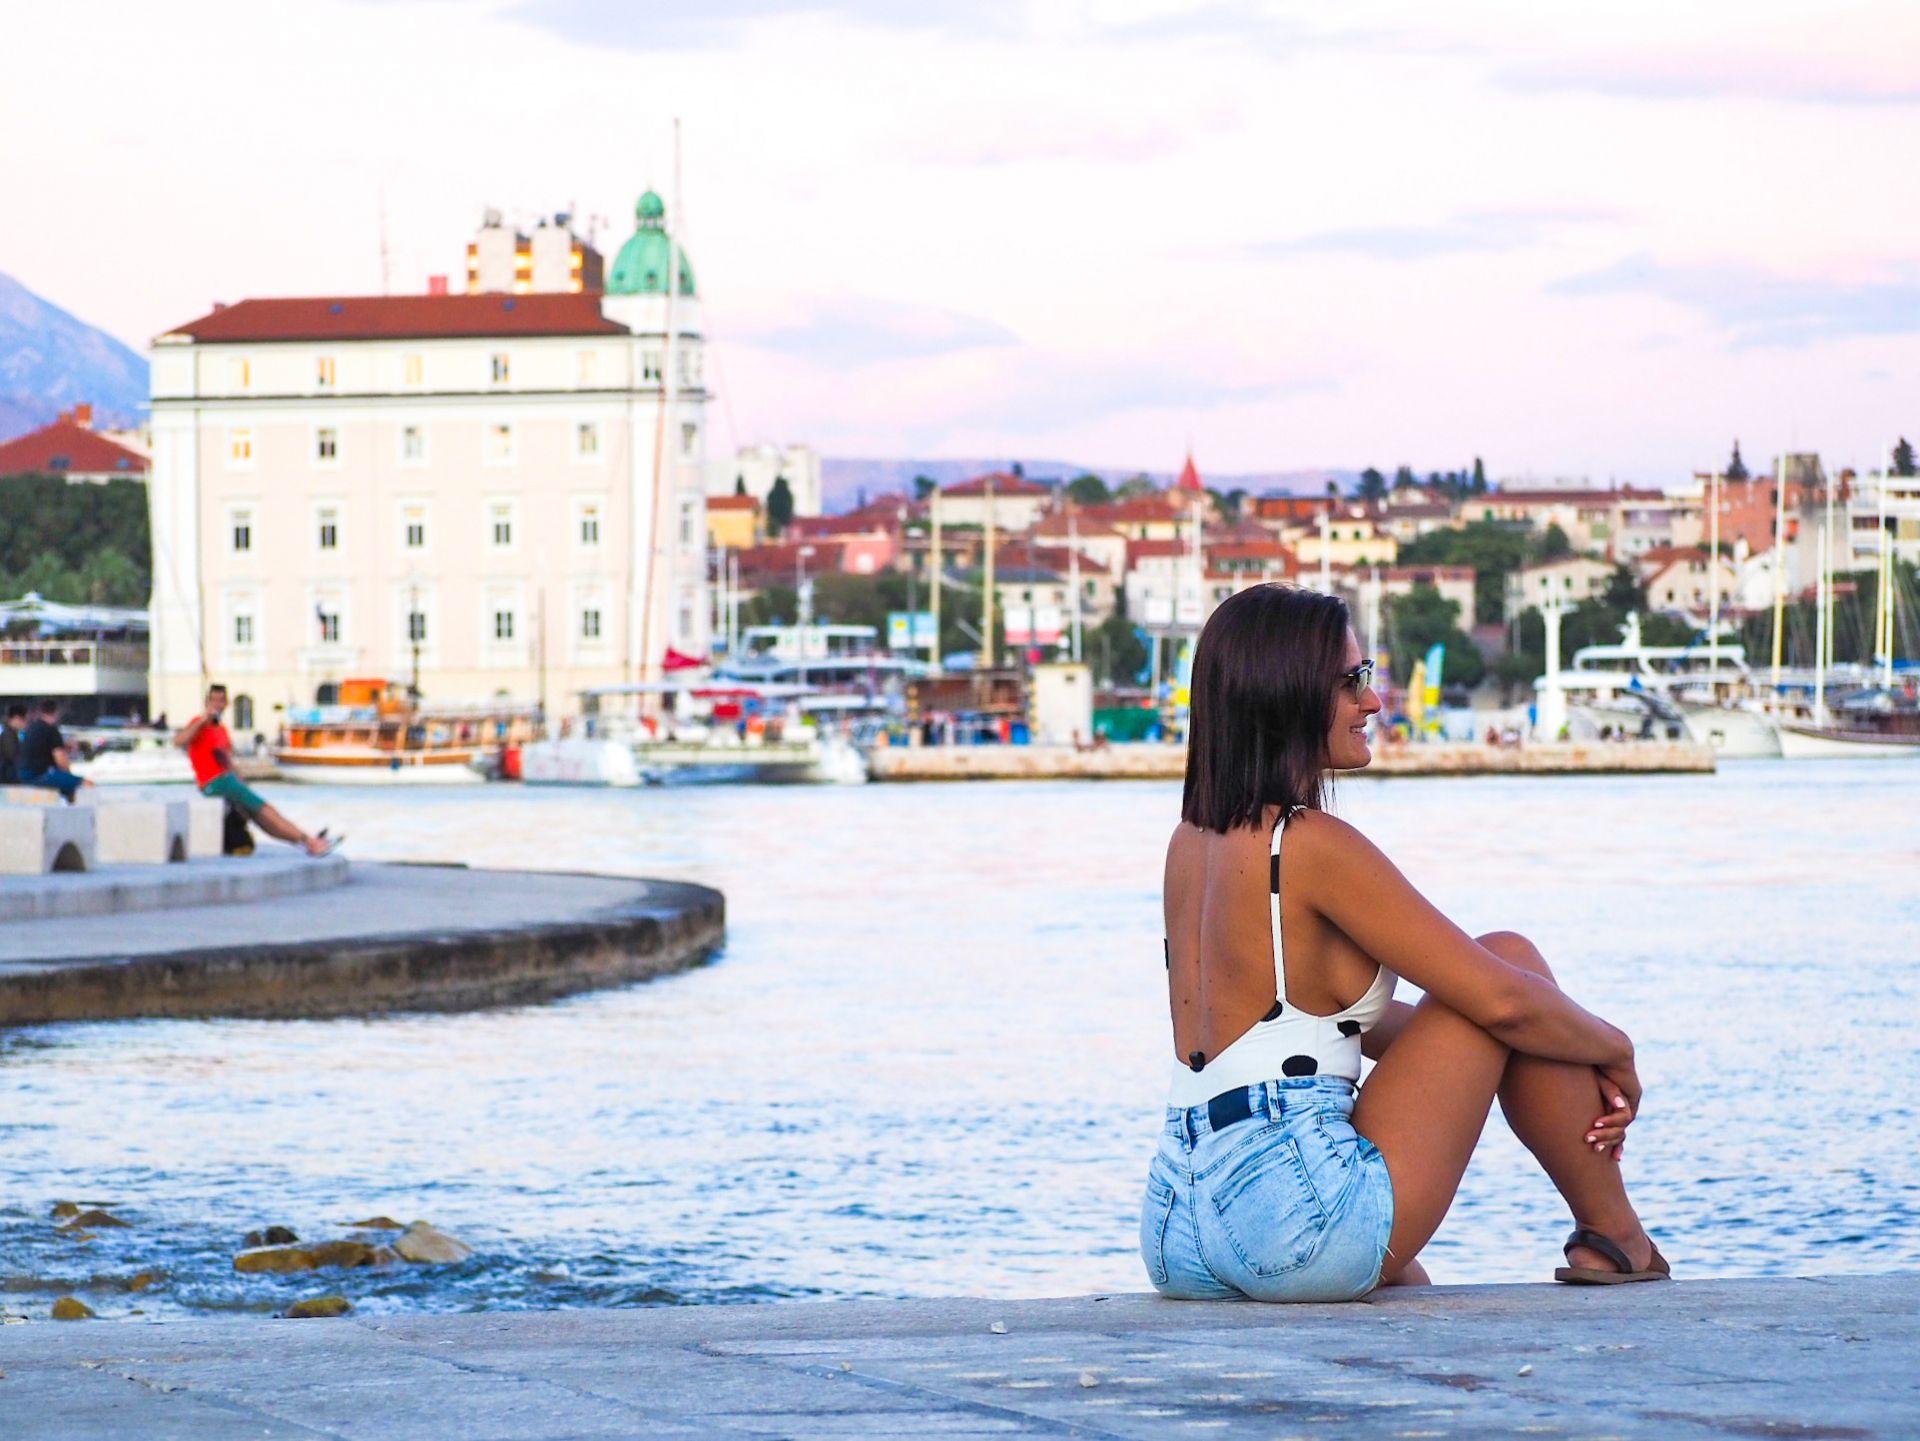 Un viaje a Bélgica y Croacia con alergias alimentarias: organización y experiencias